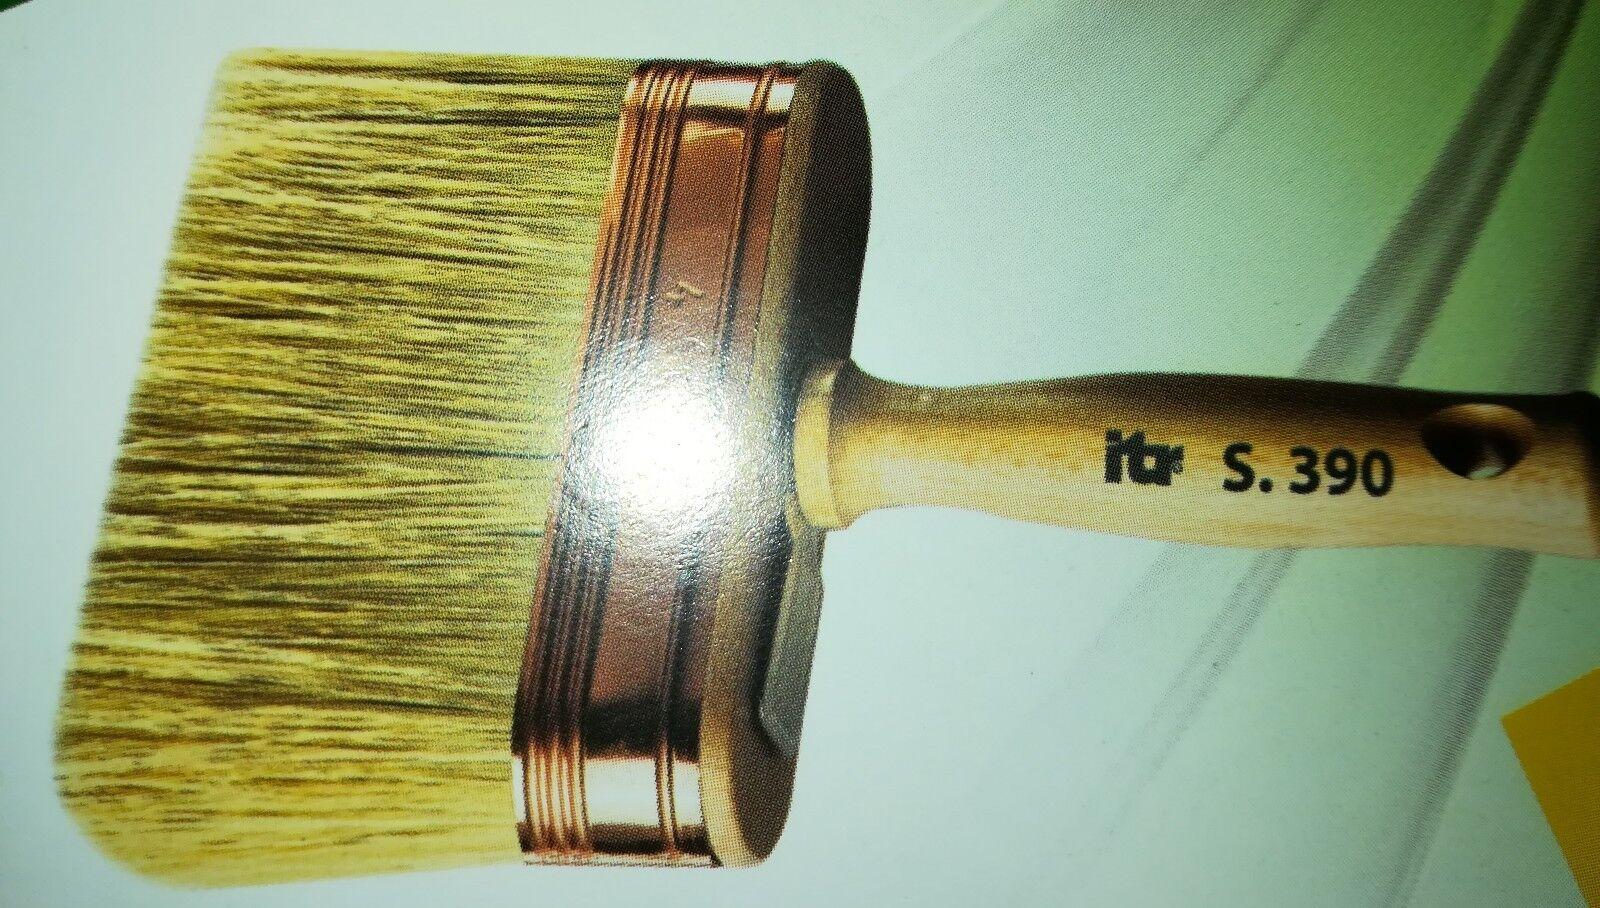 Plafoncino Ovale Pennello Setola Bionda Manico Legno 390 Made in  Pezzi 12